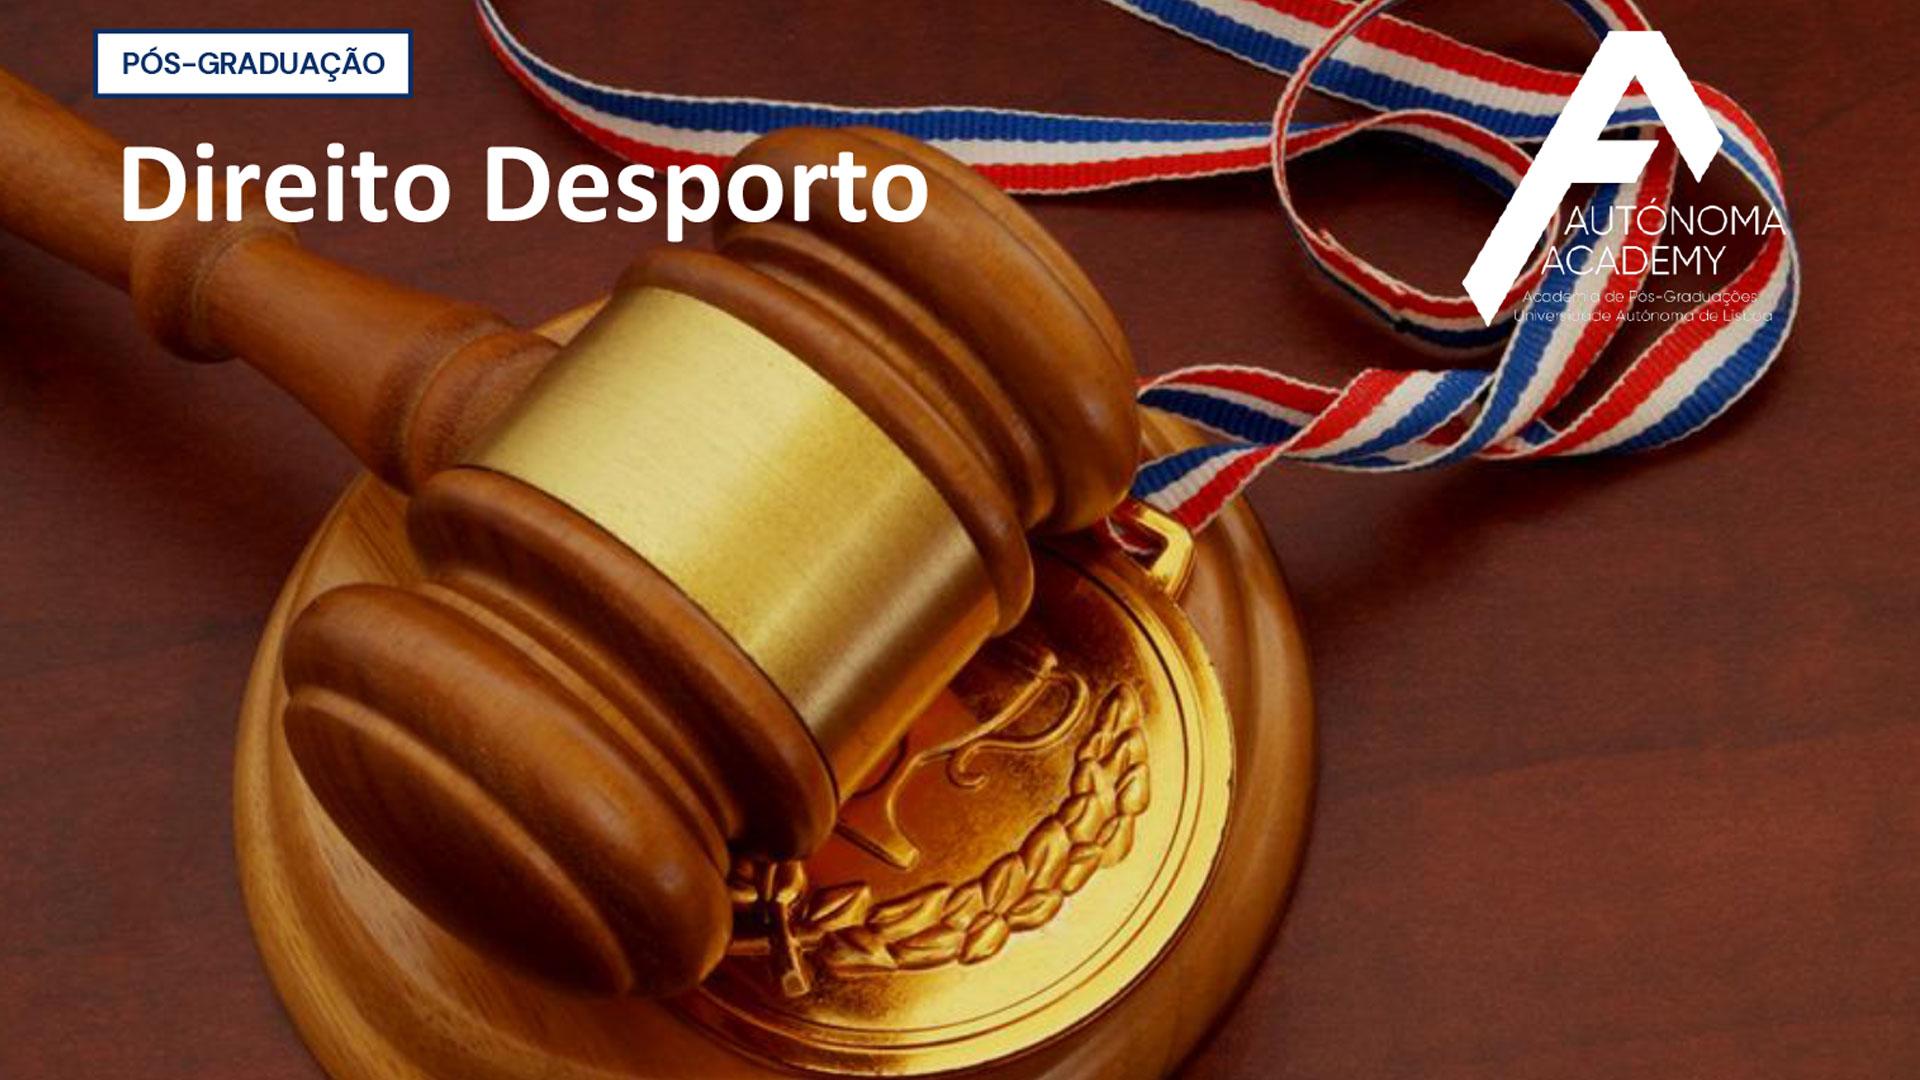 Pós-Graduação em Direito do Desporto